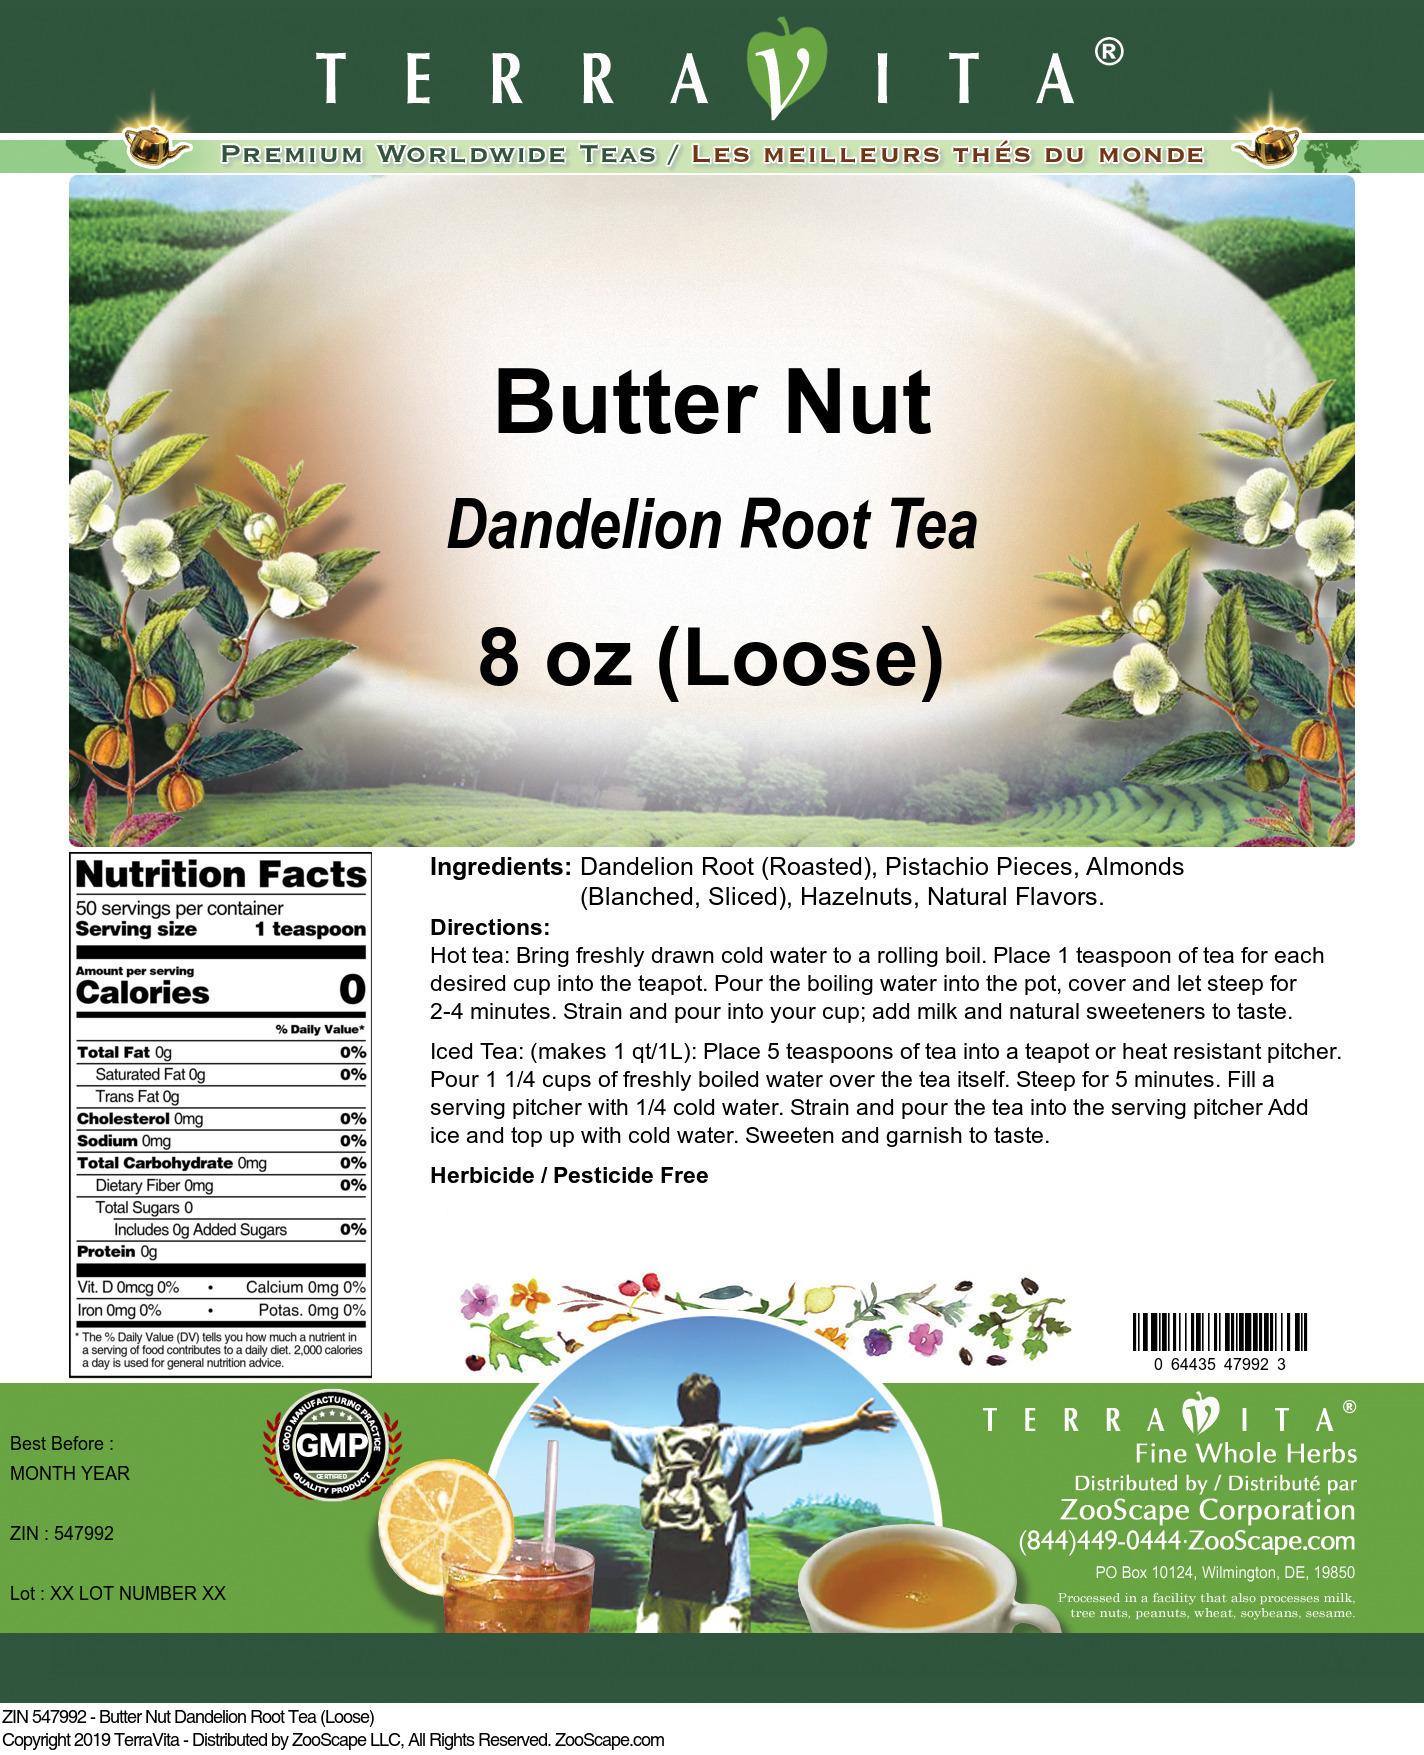 Butter Nut Dandelion Root